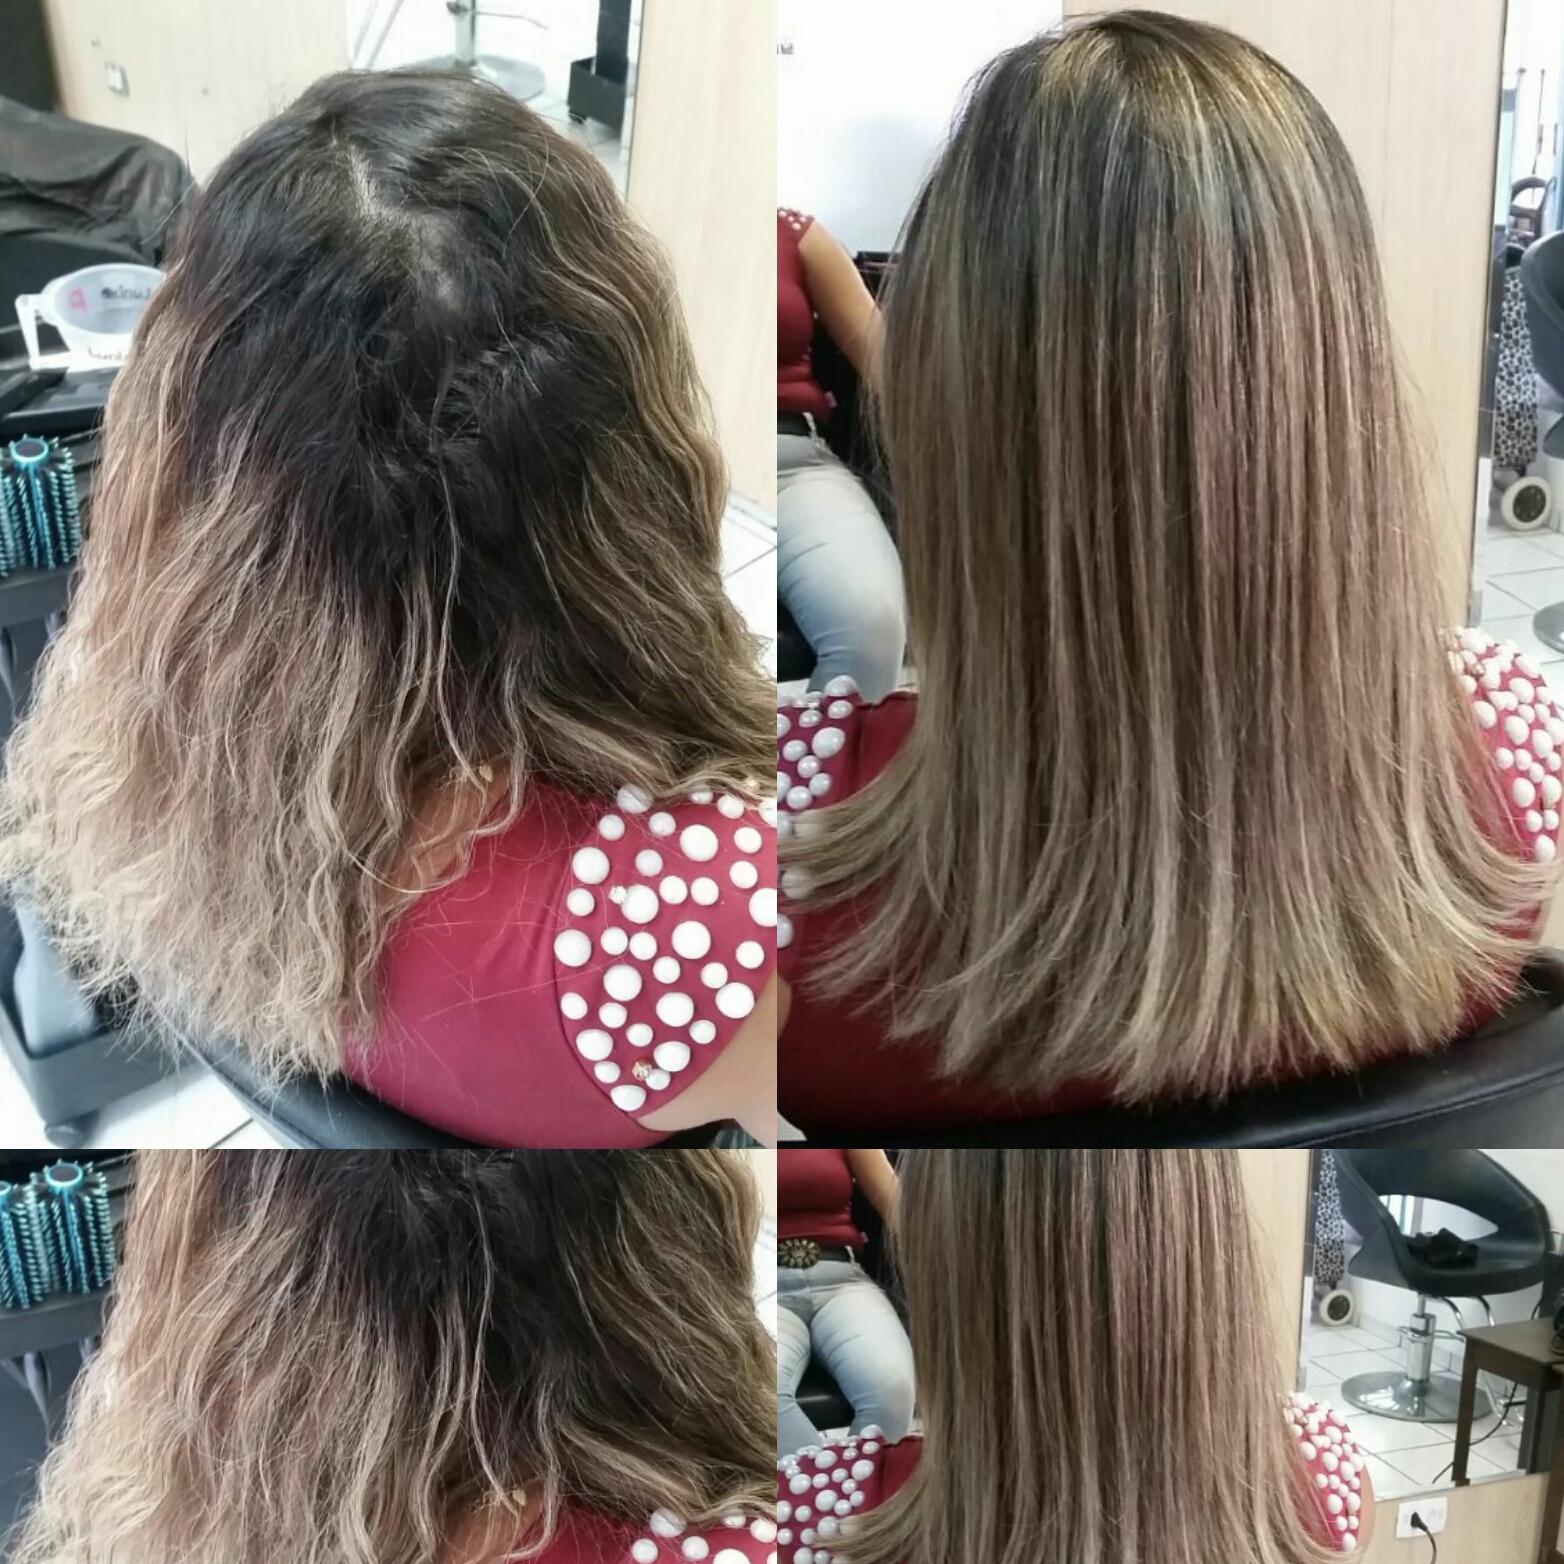 Retoque de raiz e correção de cor. cabelo auxiliar cabeleireiro(a) estudante (cabeleireiro) cabeleireiro(a)